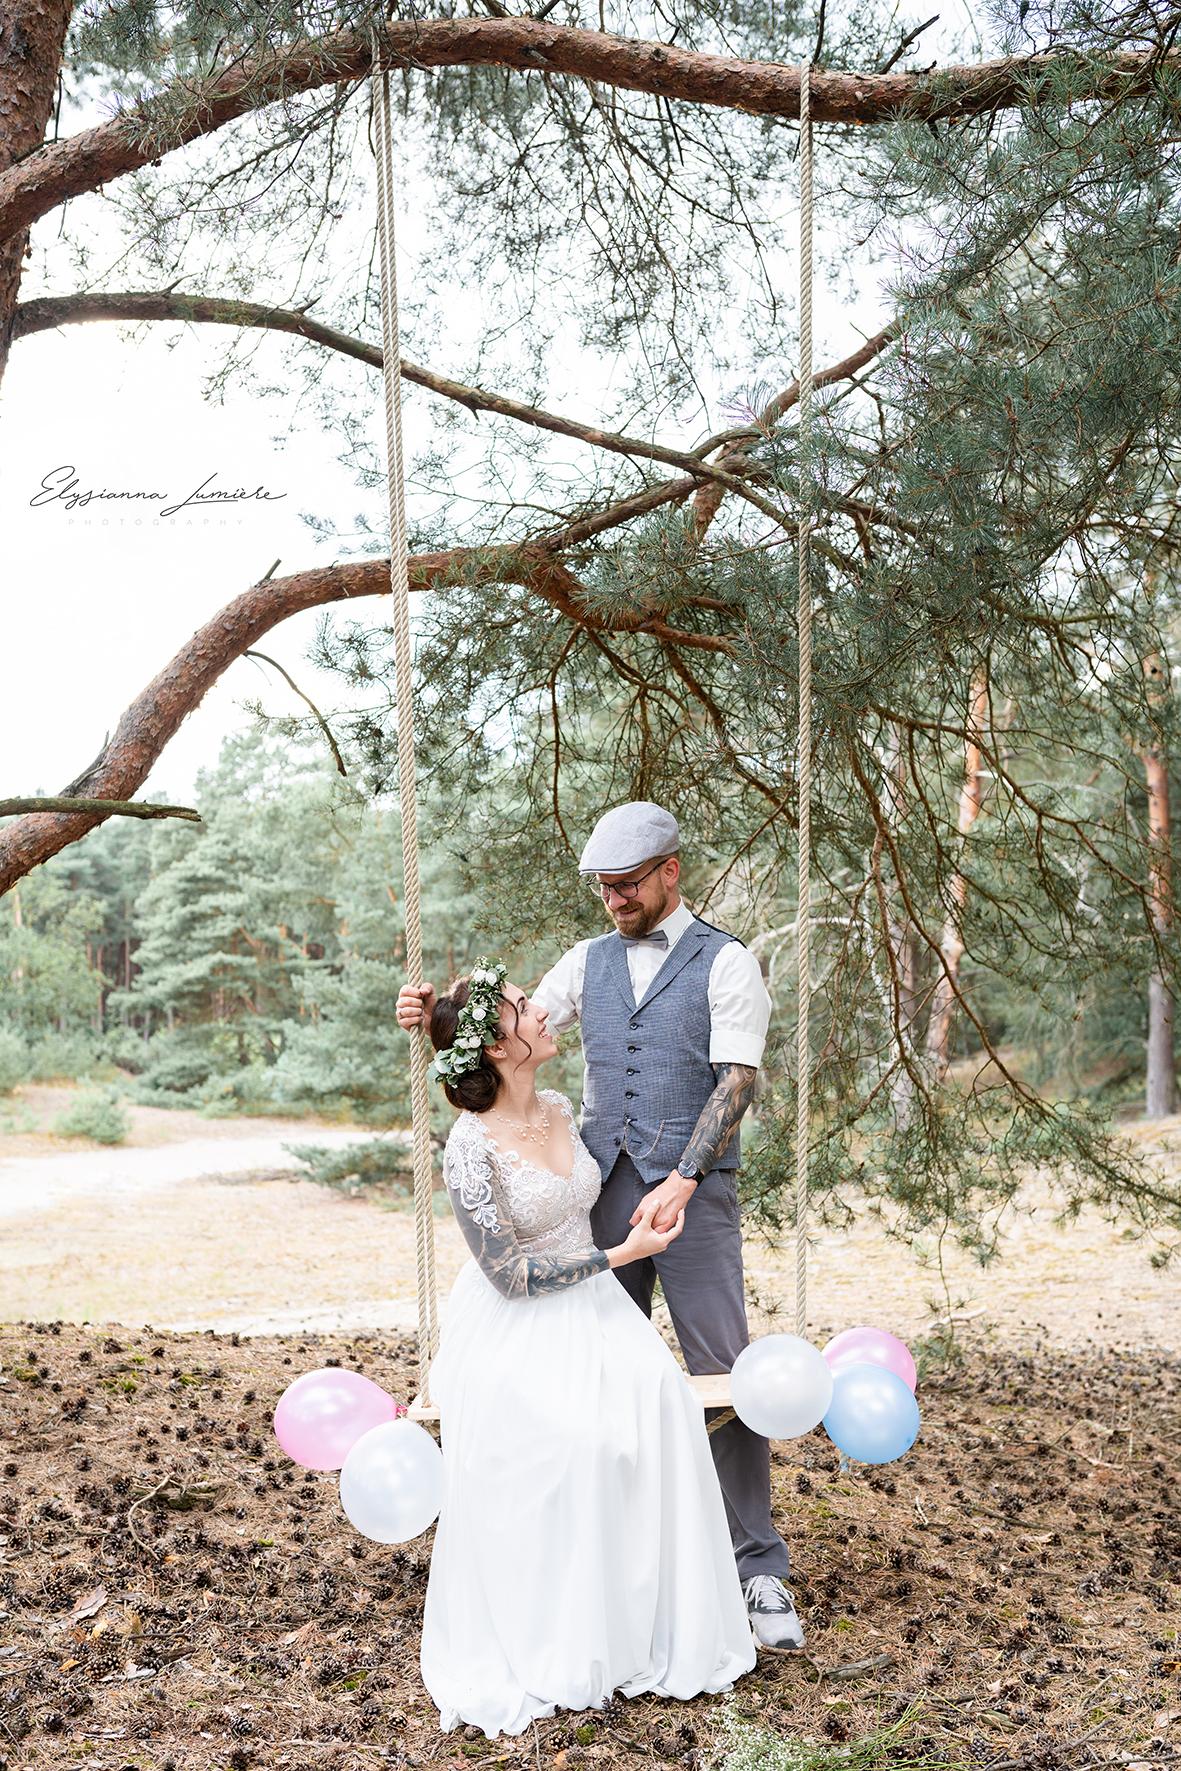 Brautpaar auf der Schaukel im Wald Bohowedding